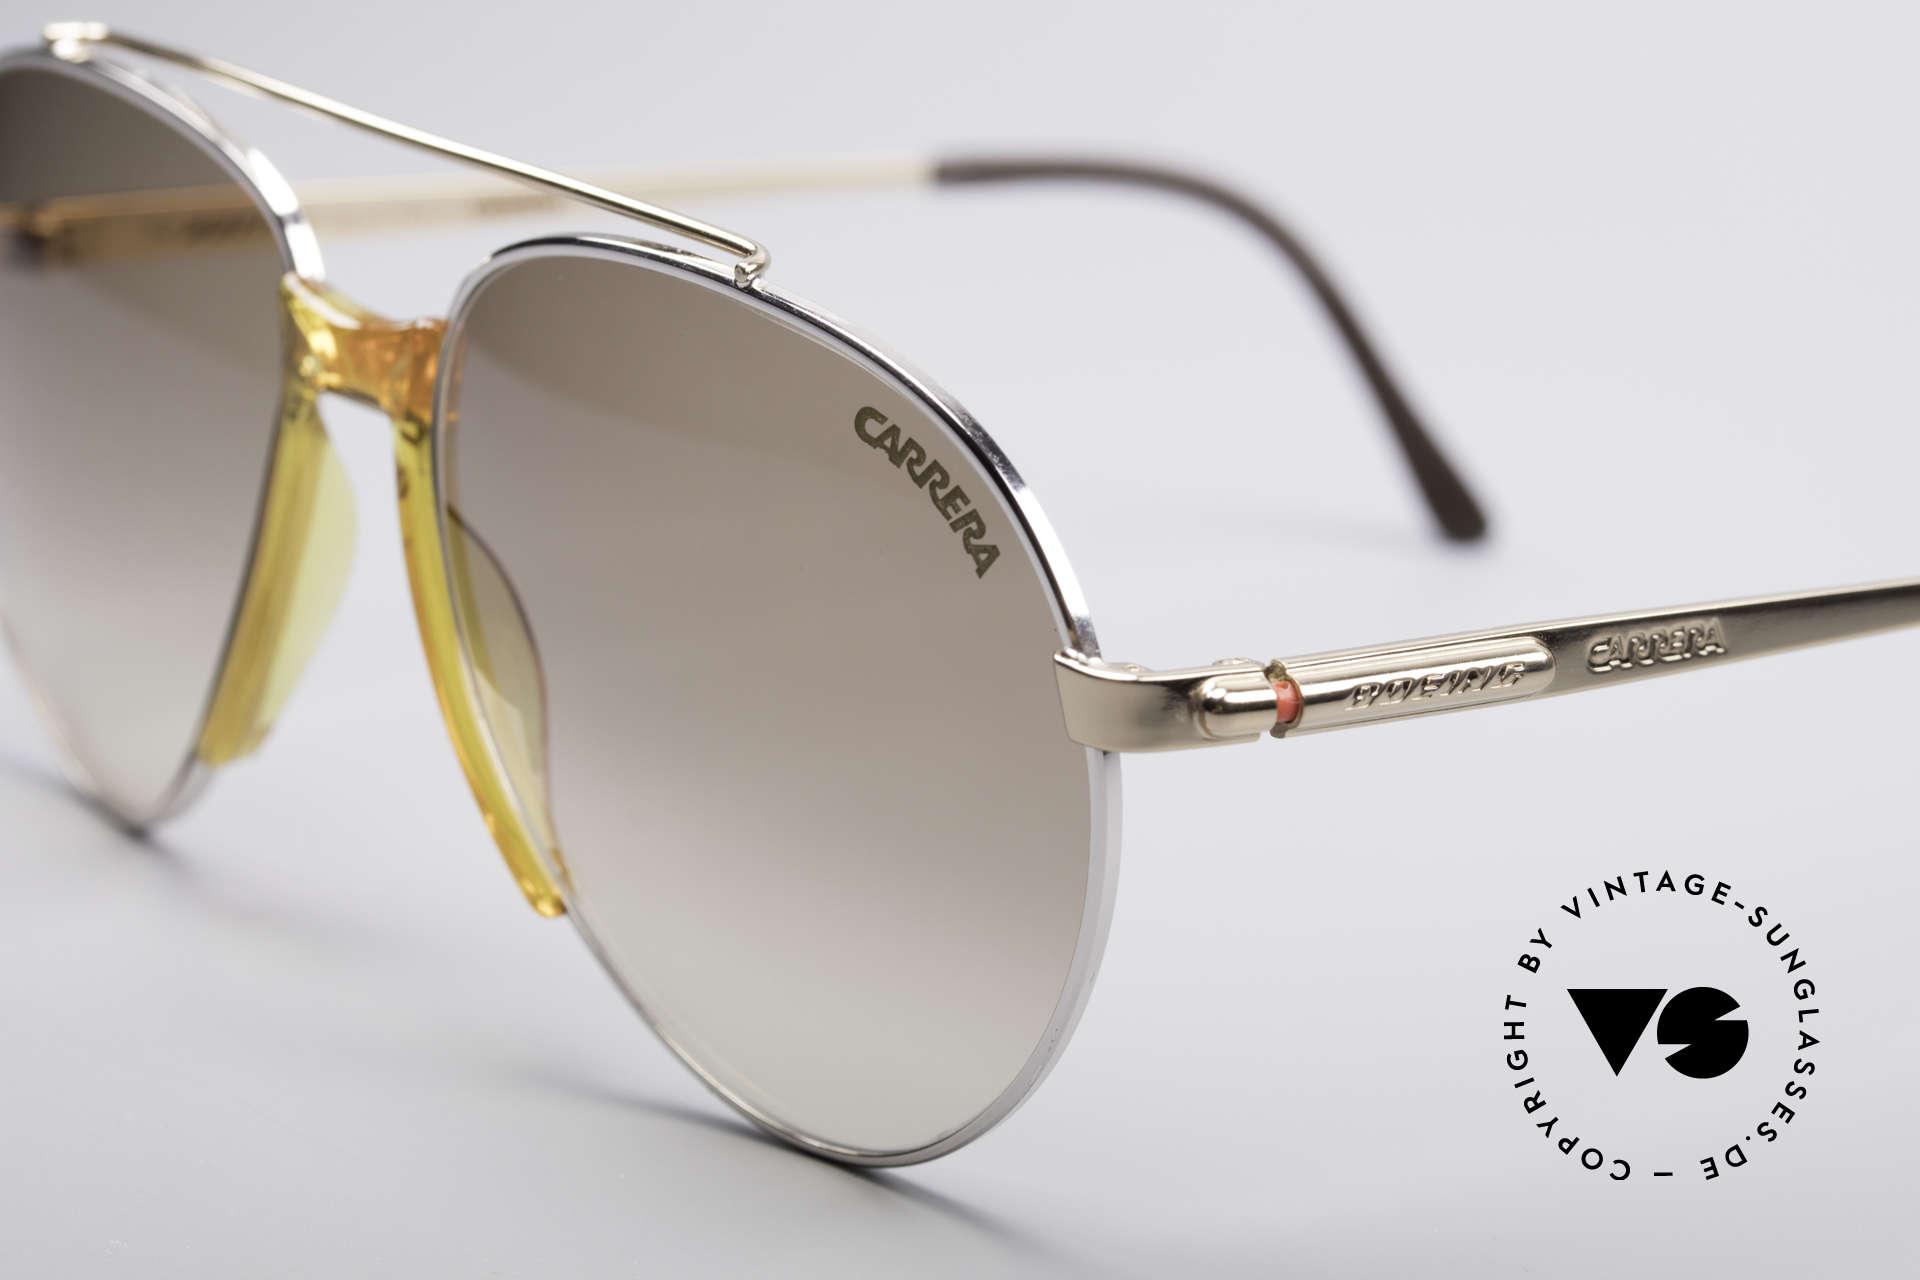 Boeing 5734 Rare 80er Pilotensonnenbrille, entsprechend hochwertig & kostbar (vergoldete Teile), Passend für Herren und Damen